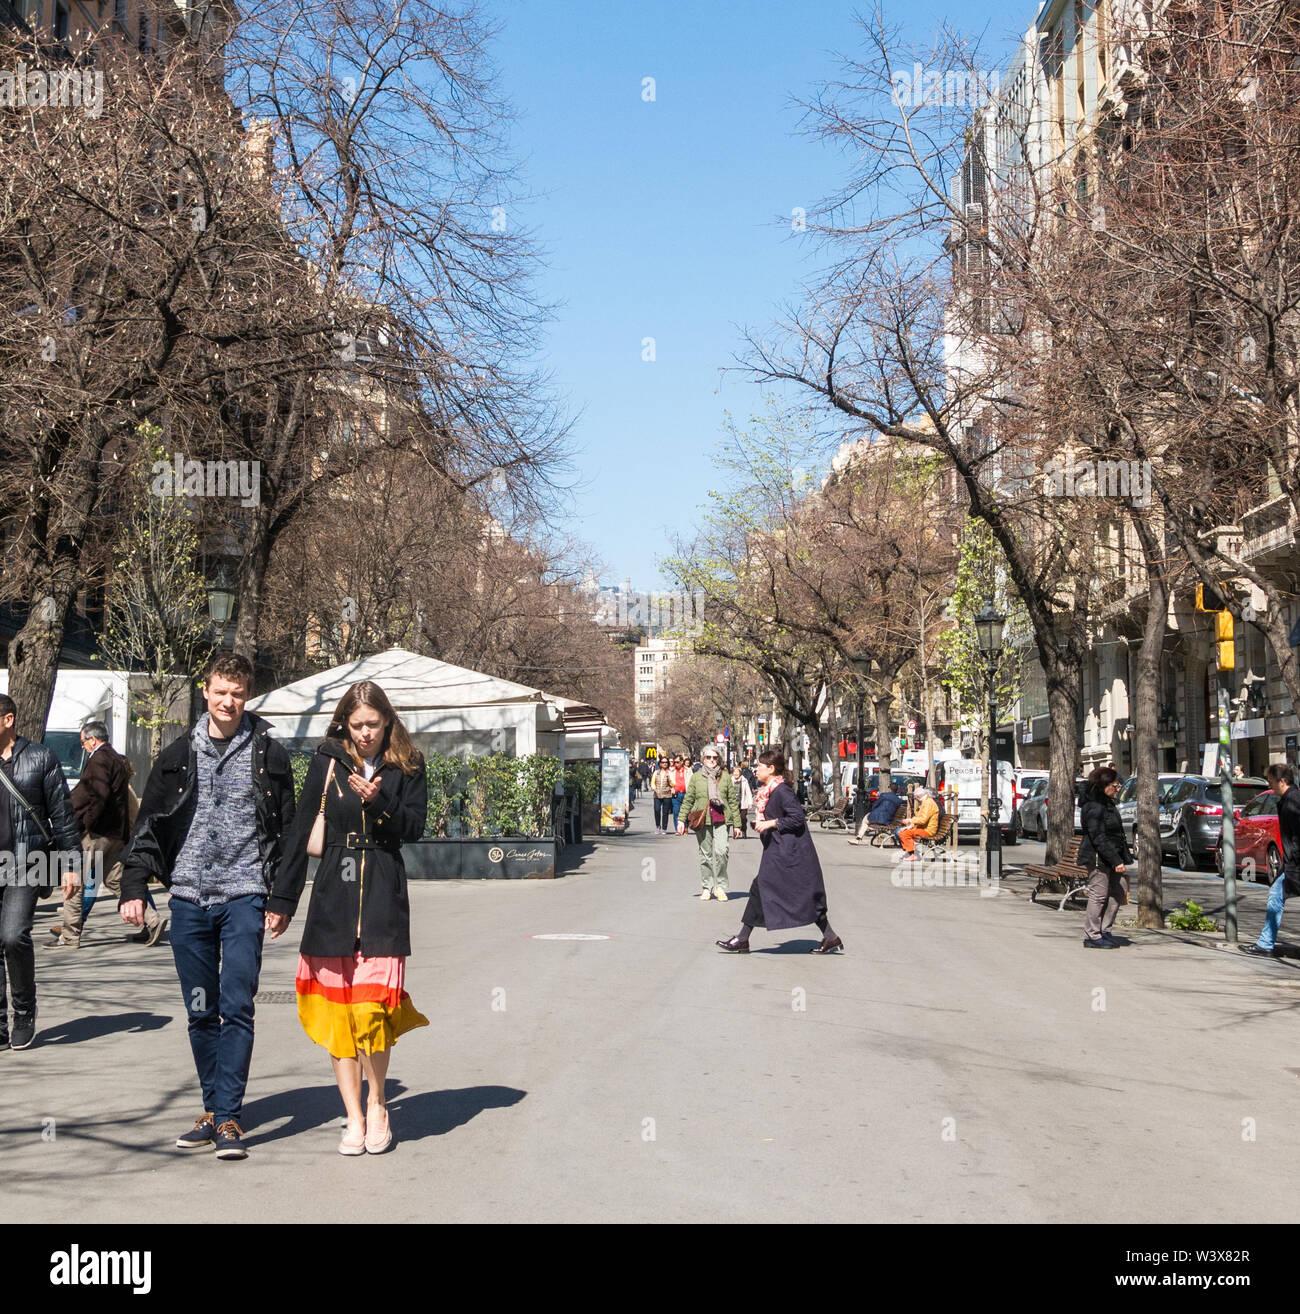 Barcellona, Spagna - Feb 24, 2019: la gente camminare dalla sezione superiore della Rambla di Barcellona, Spagna. Migliaia di persone a piedi ogni giorno da questo popolare Immagini Stock